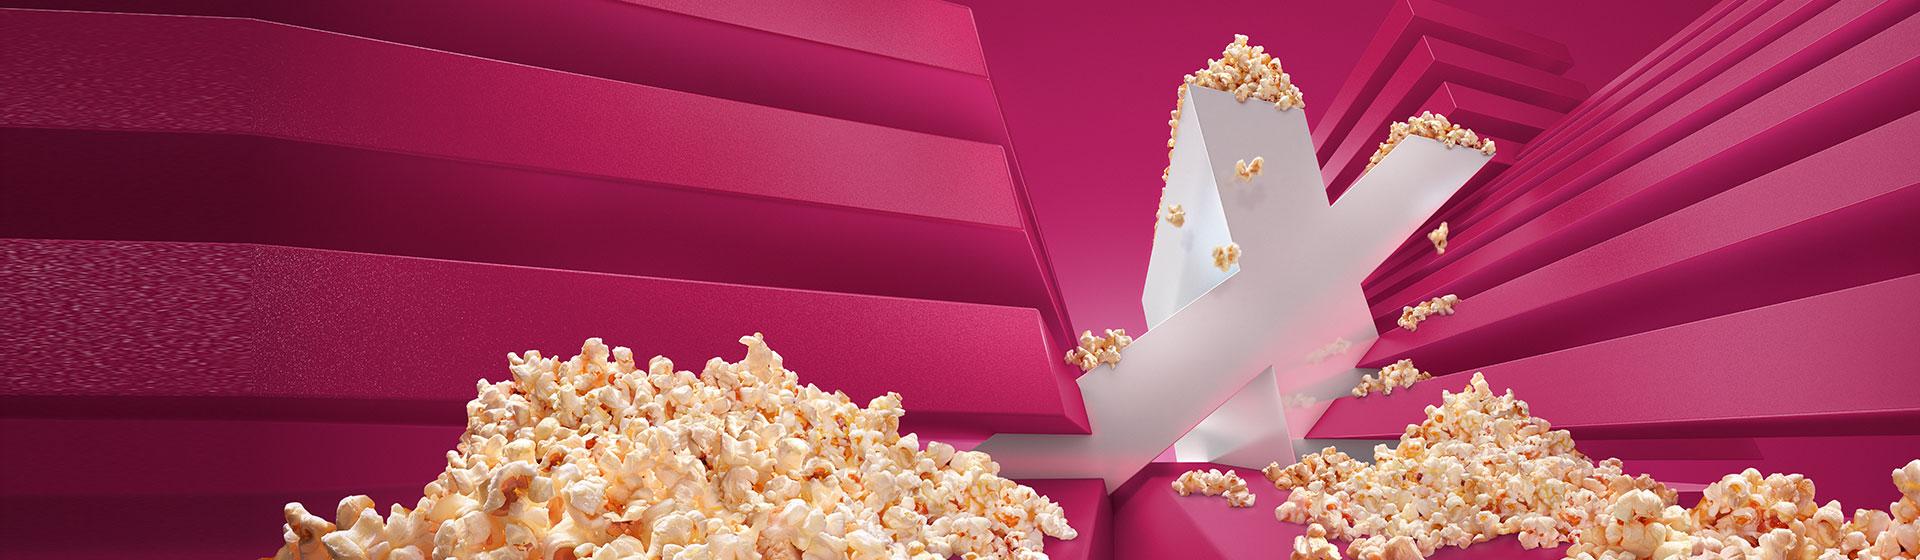 Günstige Kinotickets, Rabatte und Aktionen für den Kinobesuch ...